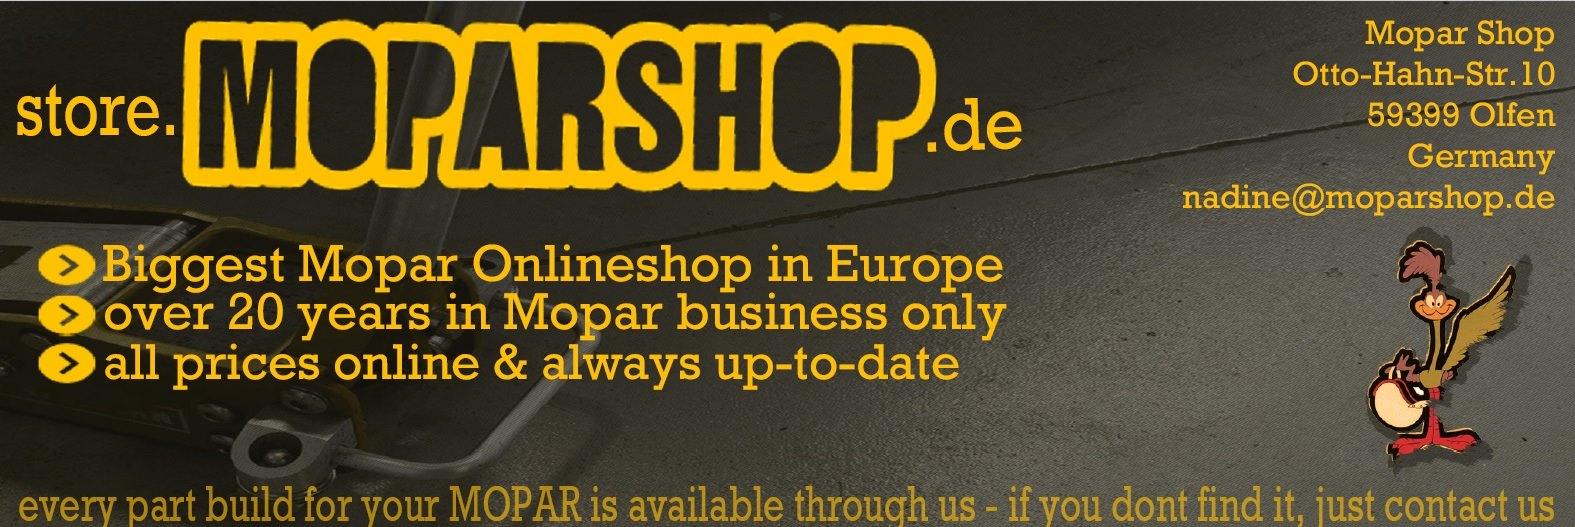 moparshop